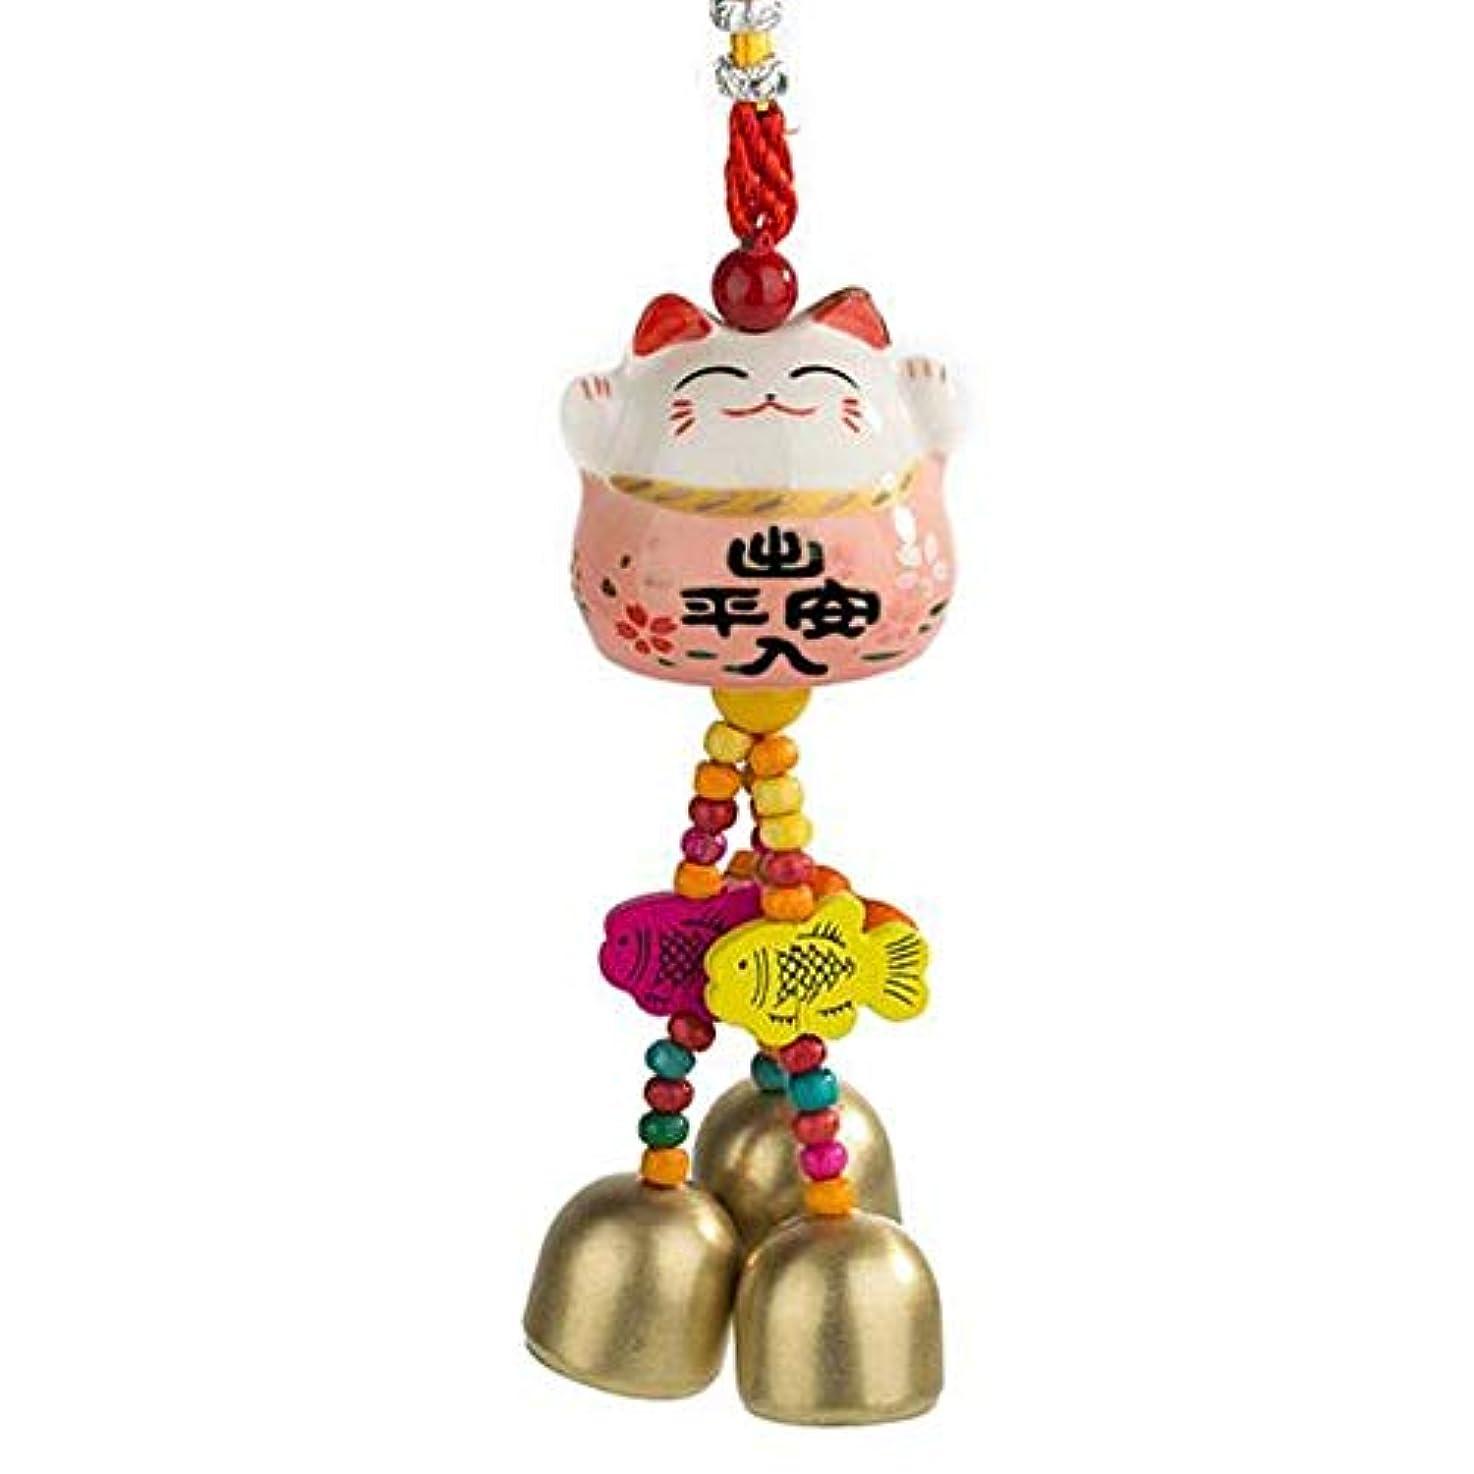 残高導体分類Jingfengtongxun 風チャイム、かわいいクリエイティブセラミック猫風の鐘、ブルー、ロング28センチメートル,スタイリッシュなホリデーギフト (Color : Pink)